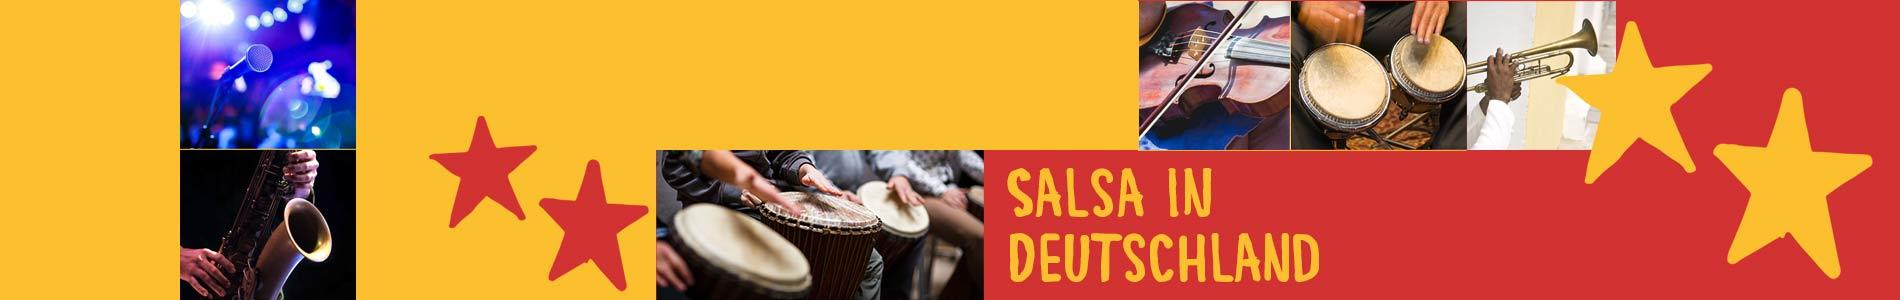 Salsa in Dahlen – Salsa lernen und tanzen, Tanzkurse, Partys, Veranstaltungen